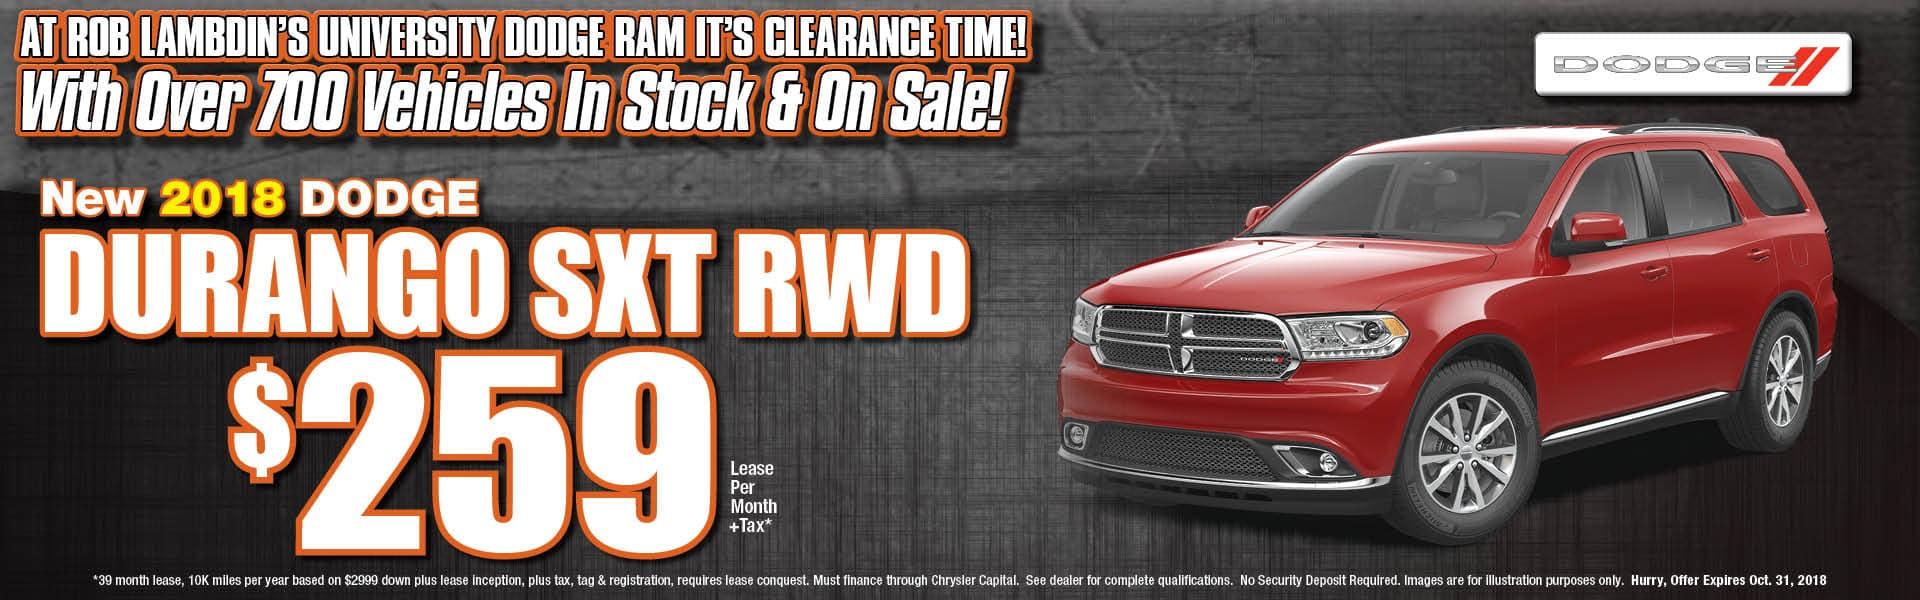 Durango SXT Lease $259